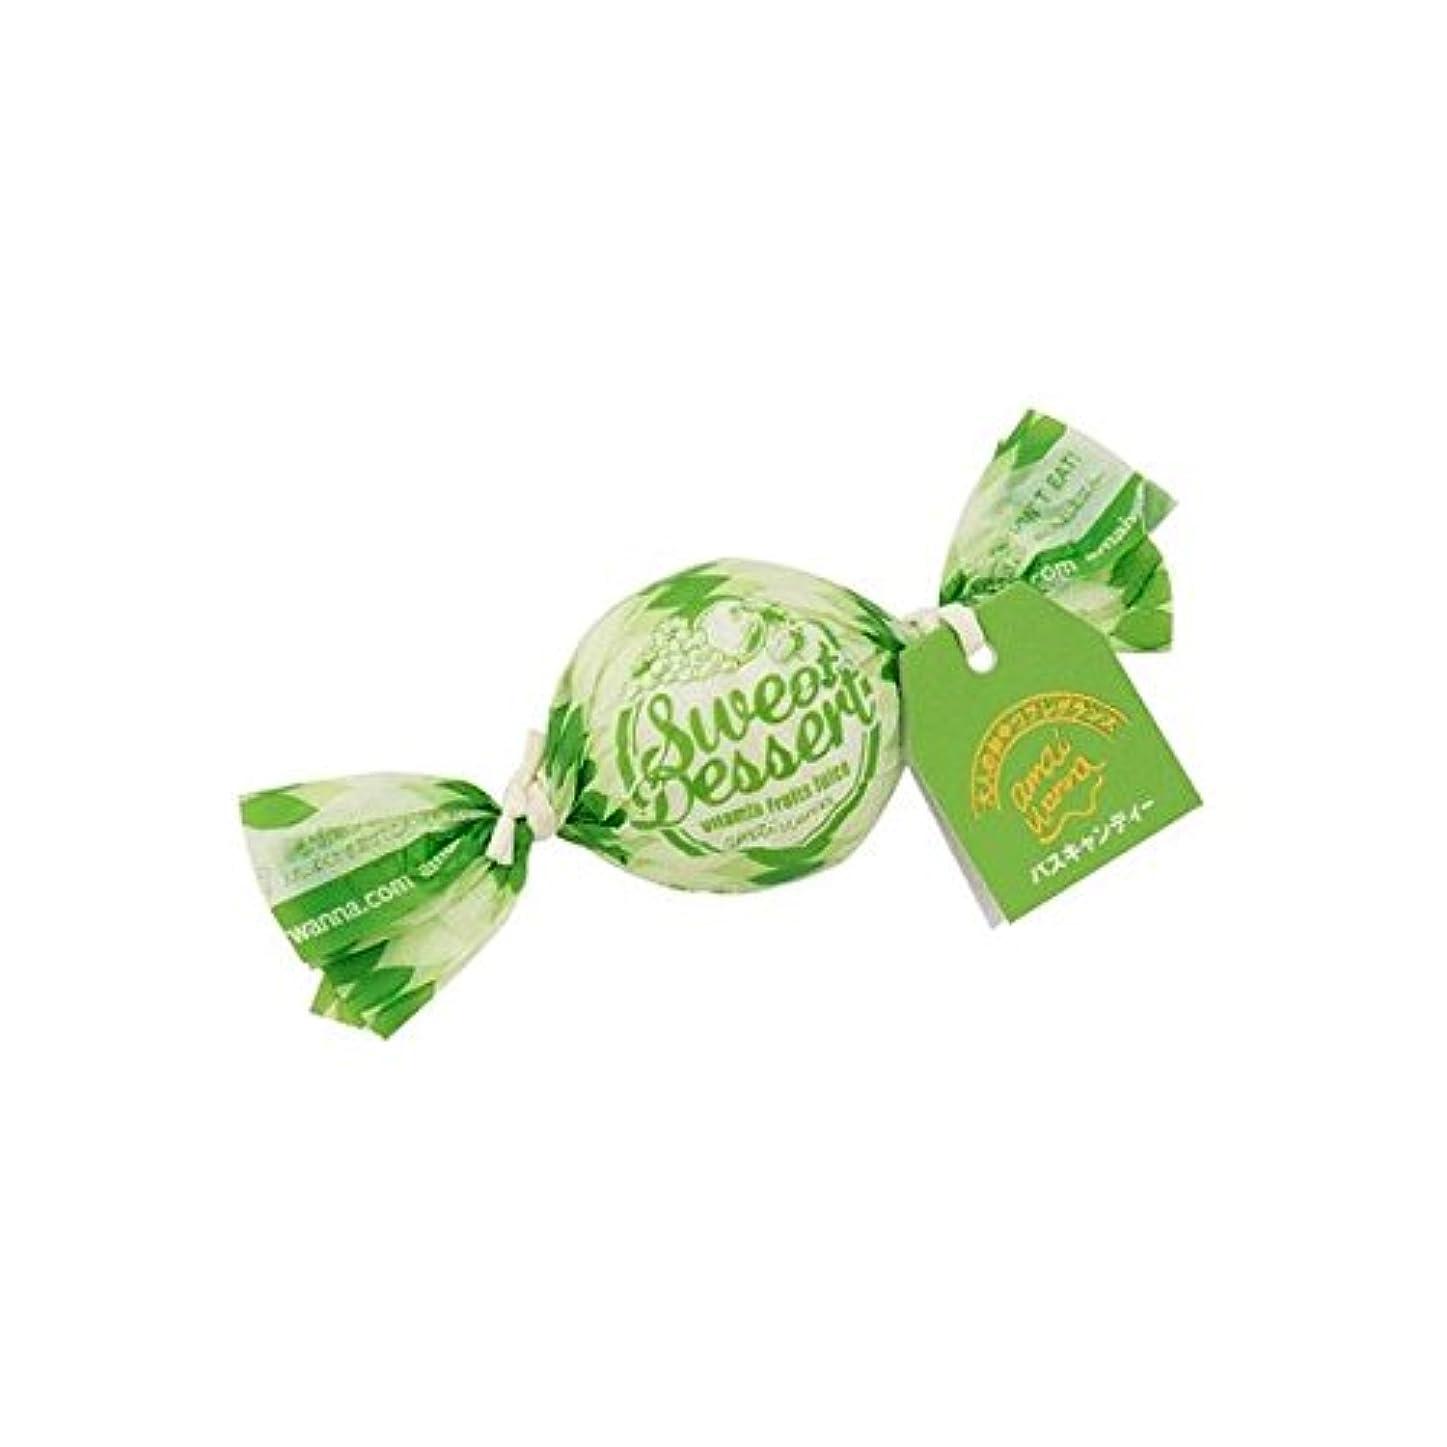 それるシェルター口ひげグローバルプロダクトプランニング アマイワナ バスキャンディー 1粒 ビタミンフルーツジュース 35g 4517161124224